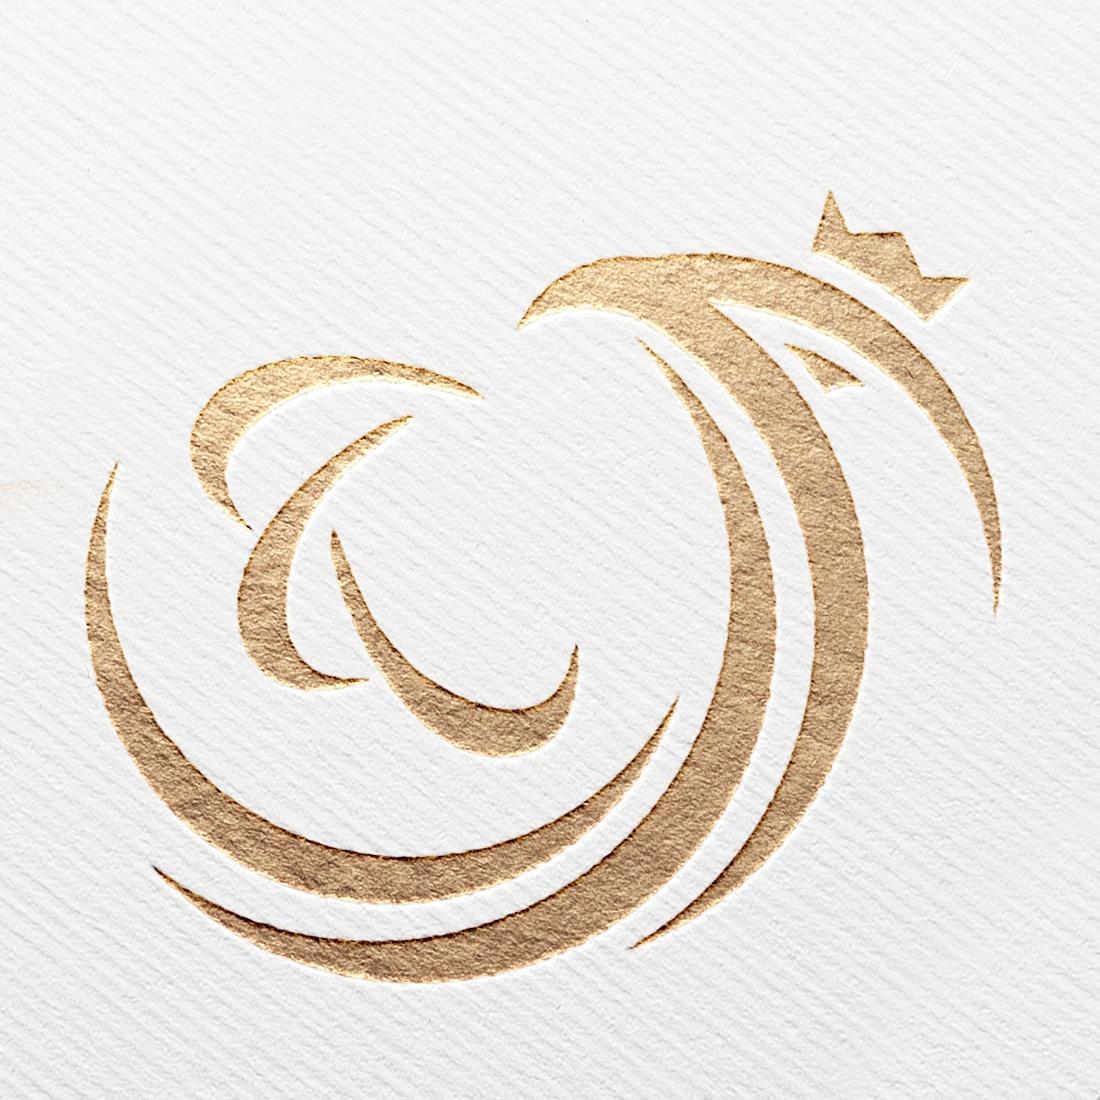 https://ponad.pl/wp-content/uploads/2015/10/logo-mockup.jpg